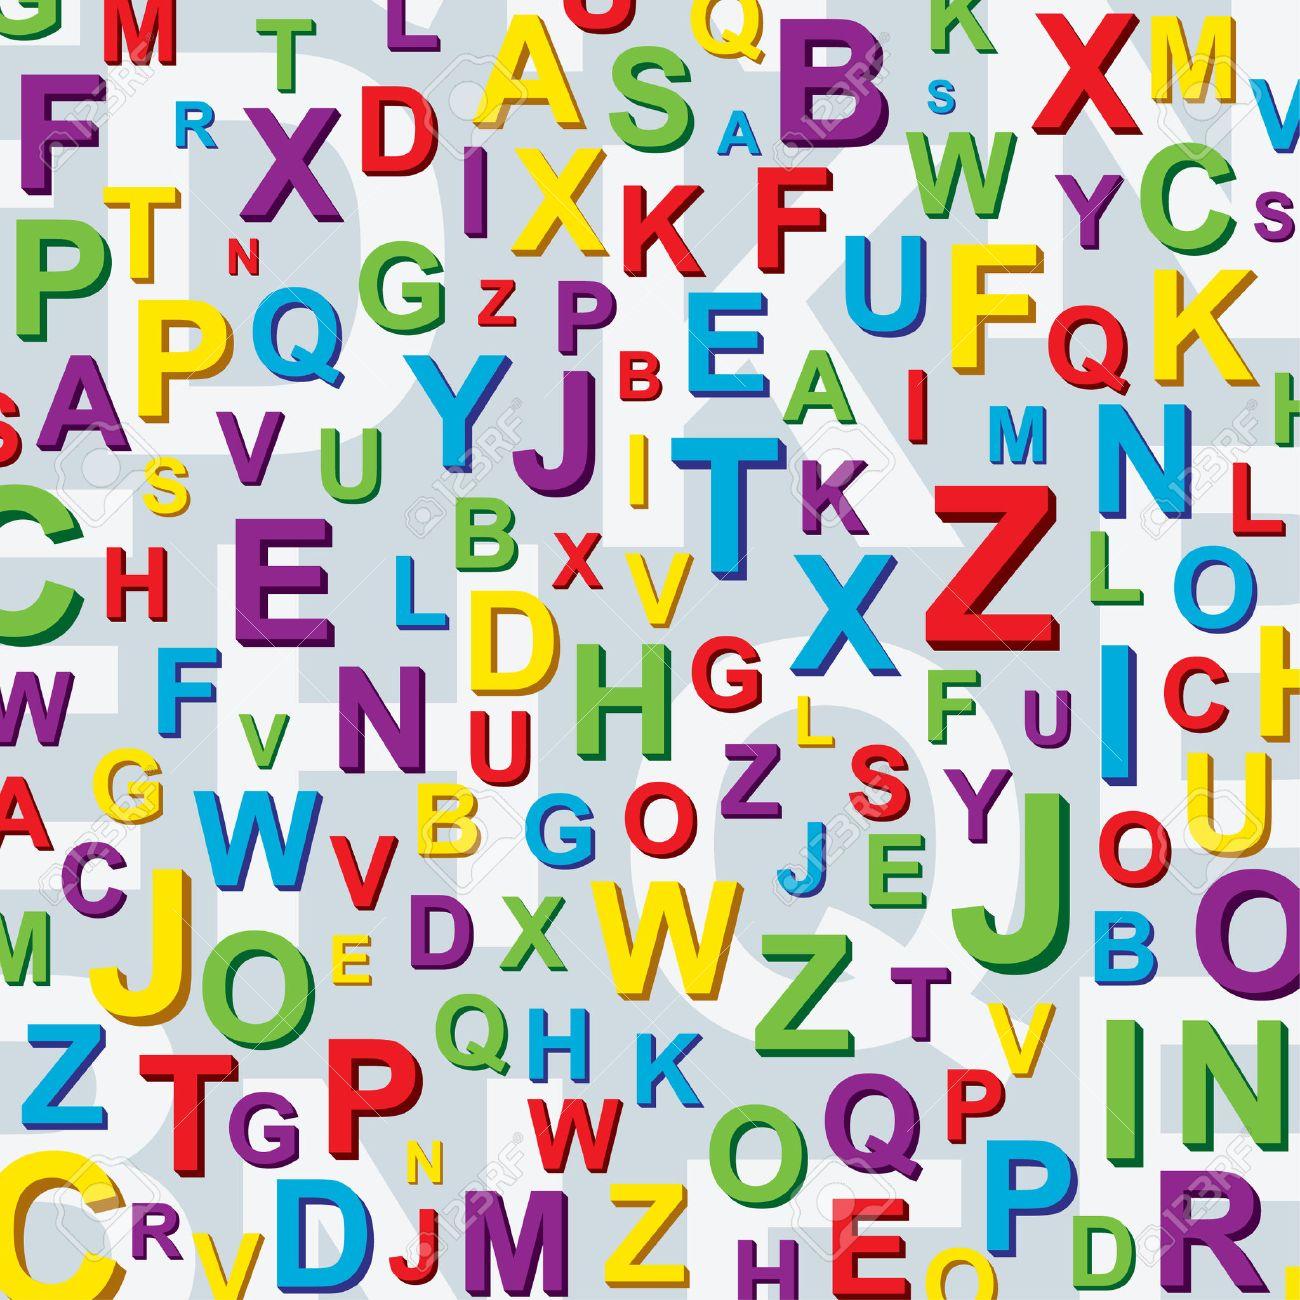 Как сделать букву с фоном картинки